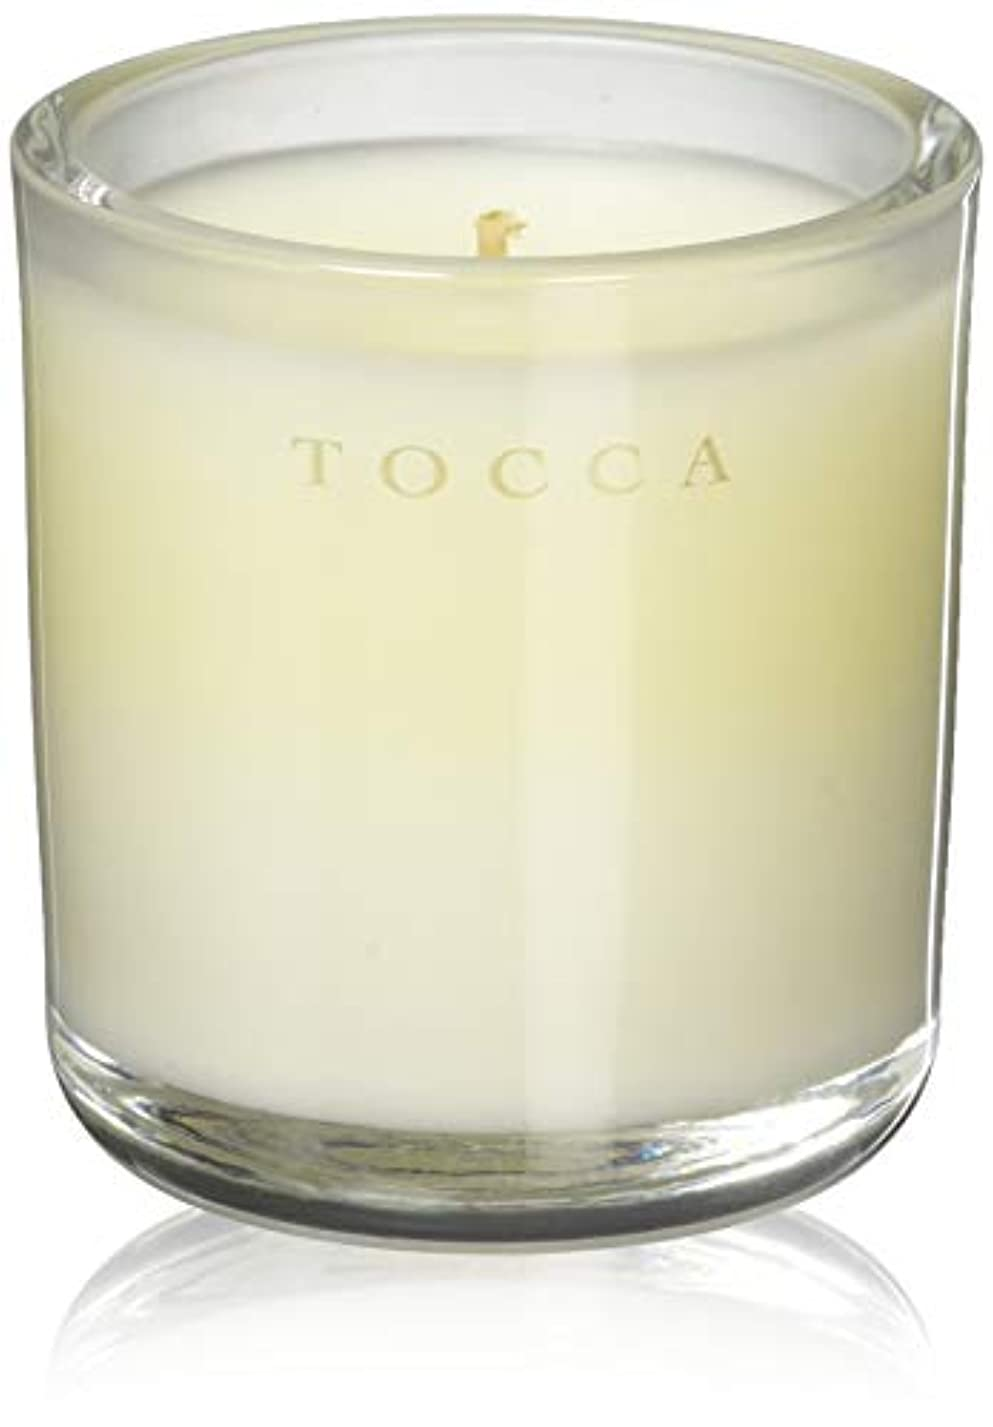 書く階下機構TOCCA(トッカ) ボヤージュ キャンデリーナ マラケシュ 85g (ろうそく 芳香 パチュリとアンバーのスパイシーな香り)